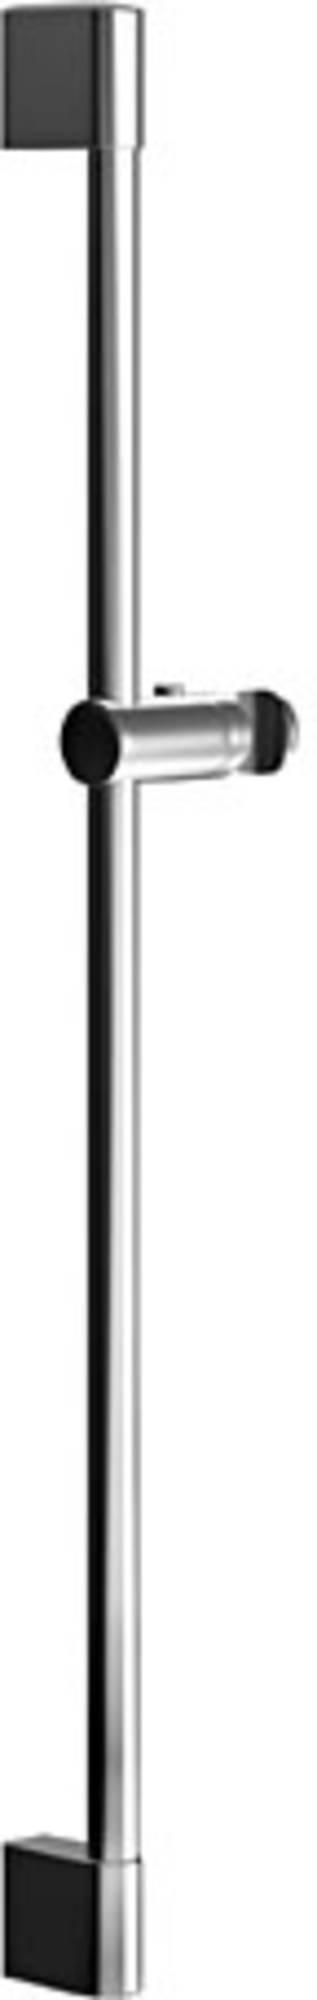 Hansa Purejet glijstang 04550200